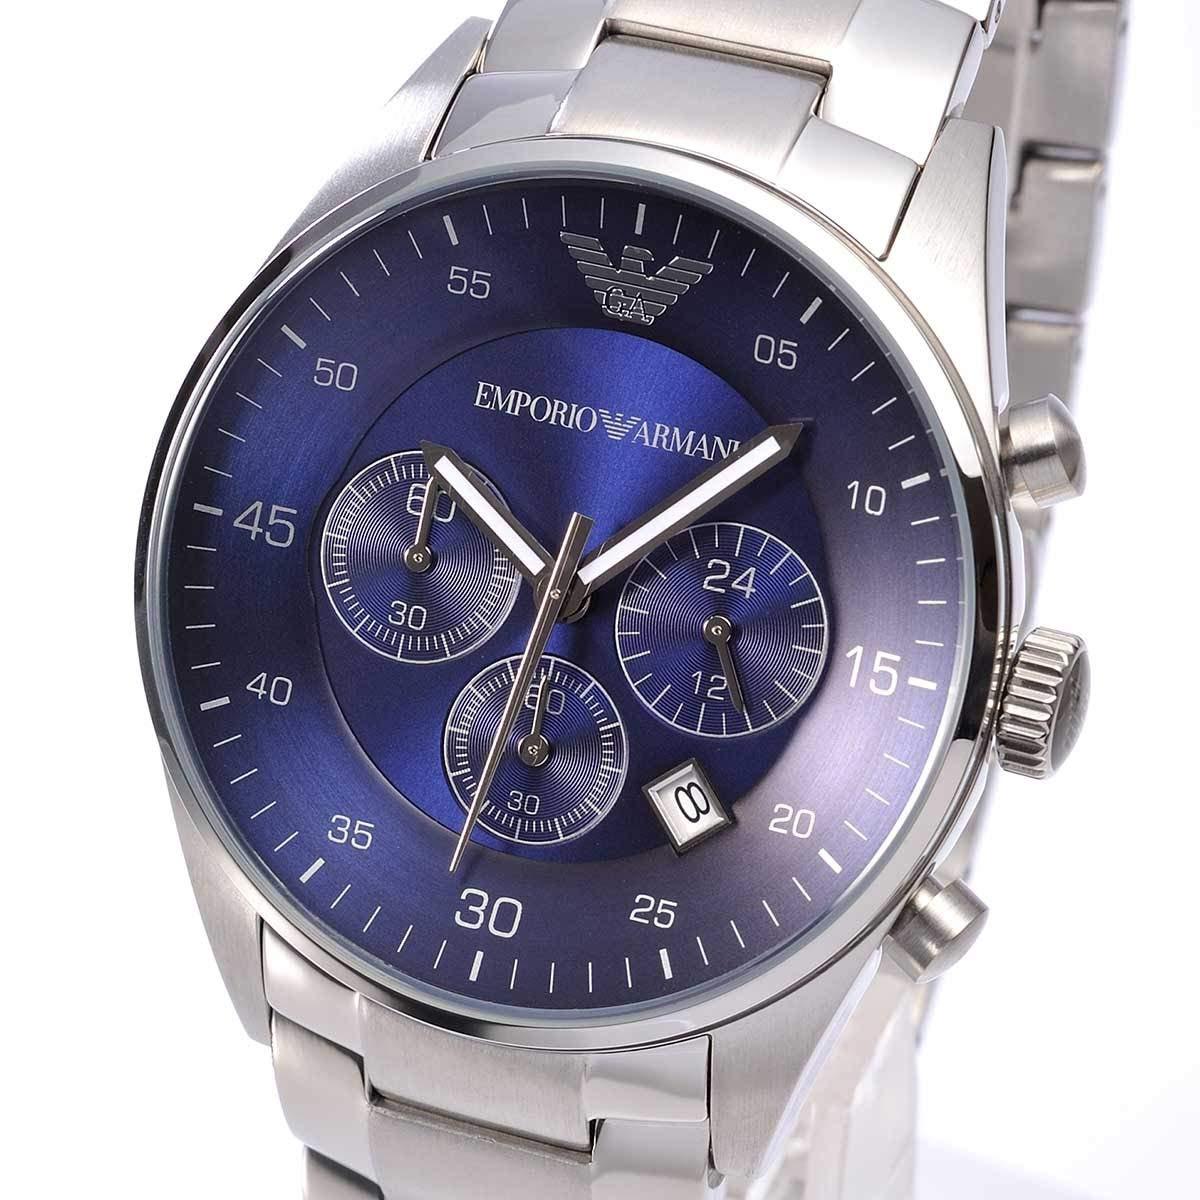 Emporio Armani pour Homme chronographe Cadran Bleu Acier Inoxydable: Emporio Armani: Amazon.fr: Montres